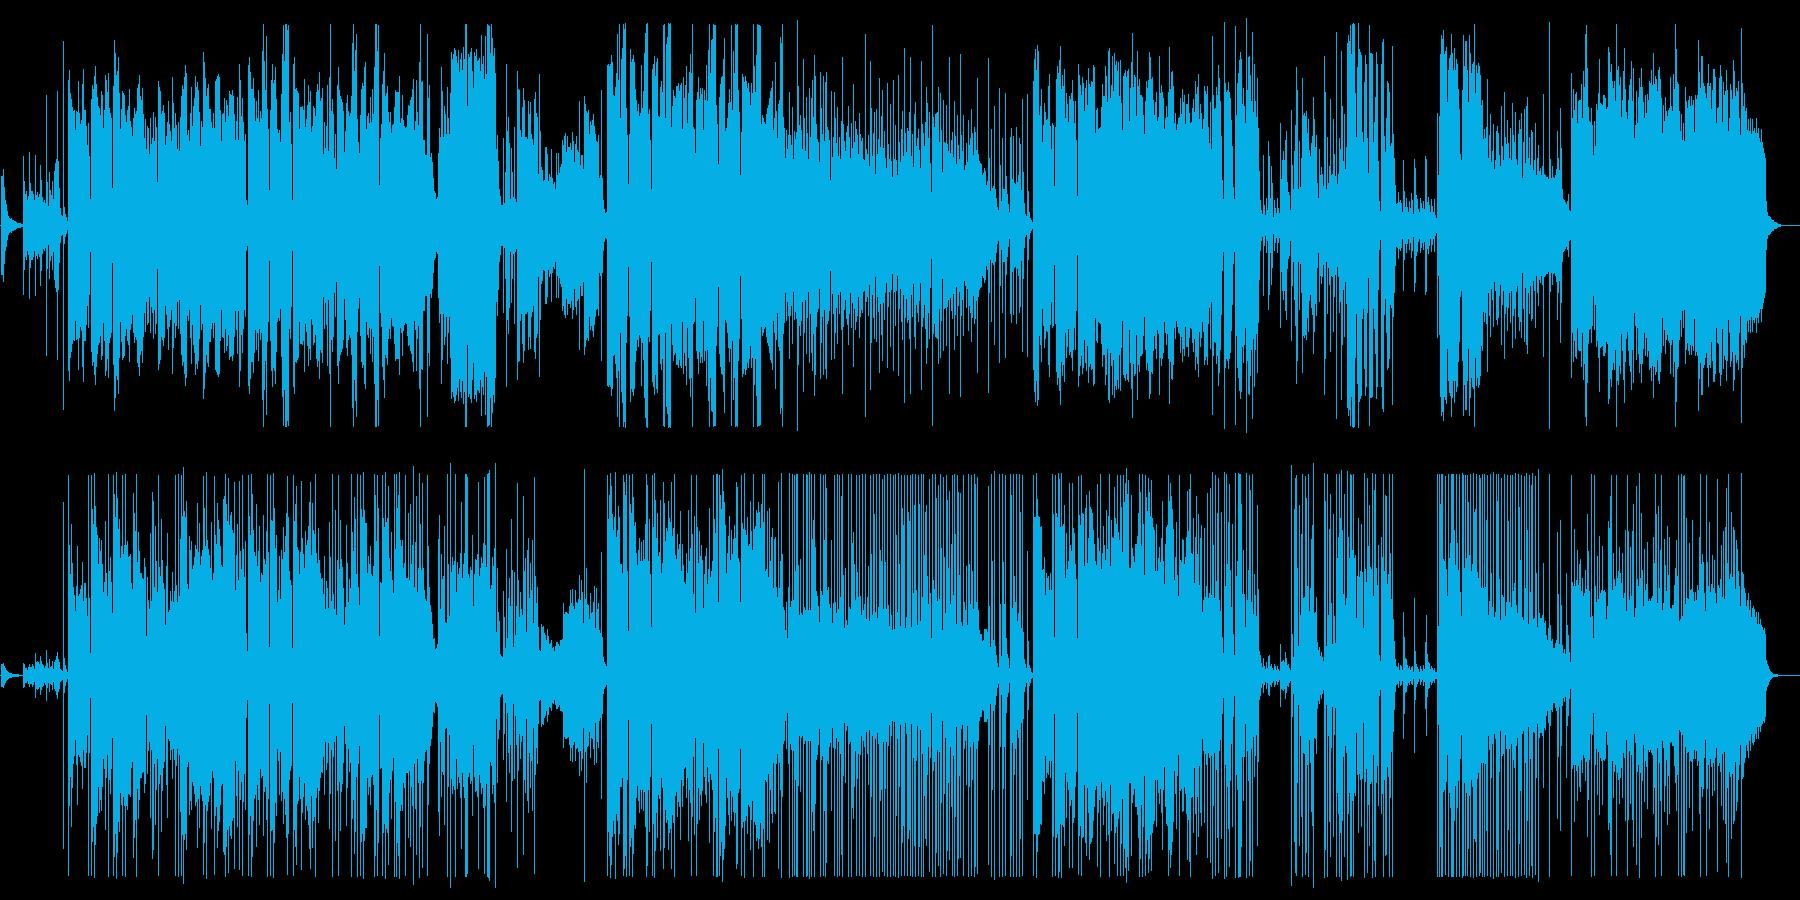 美しく清らかな弦管楽器シンセサウンドの再生済みの波形